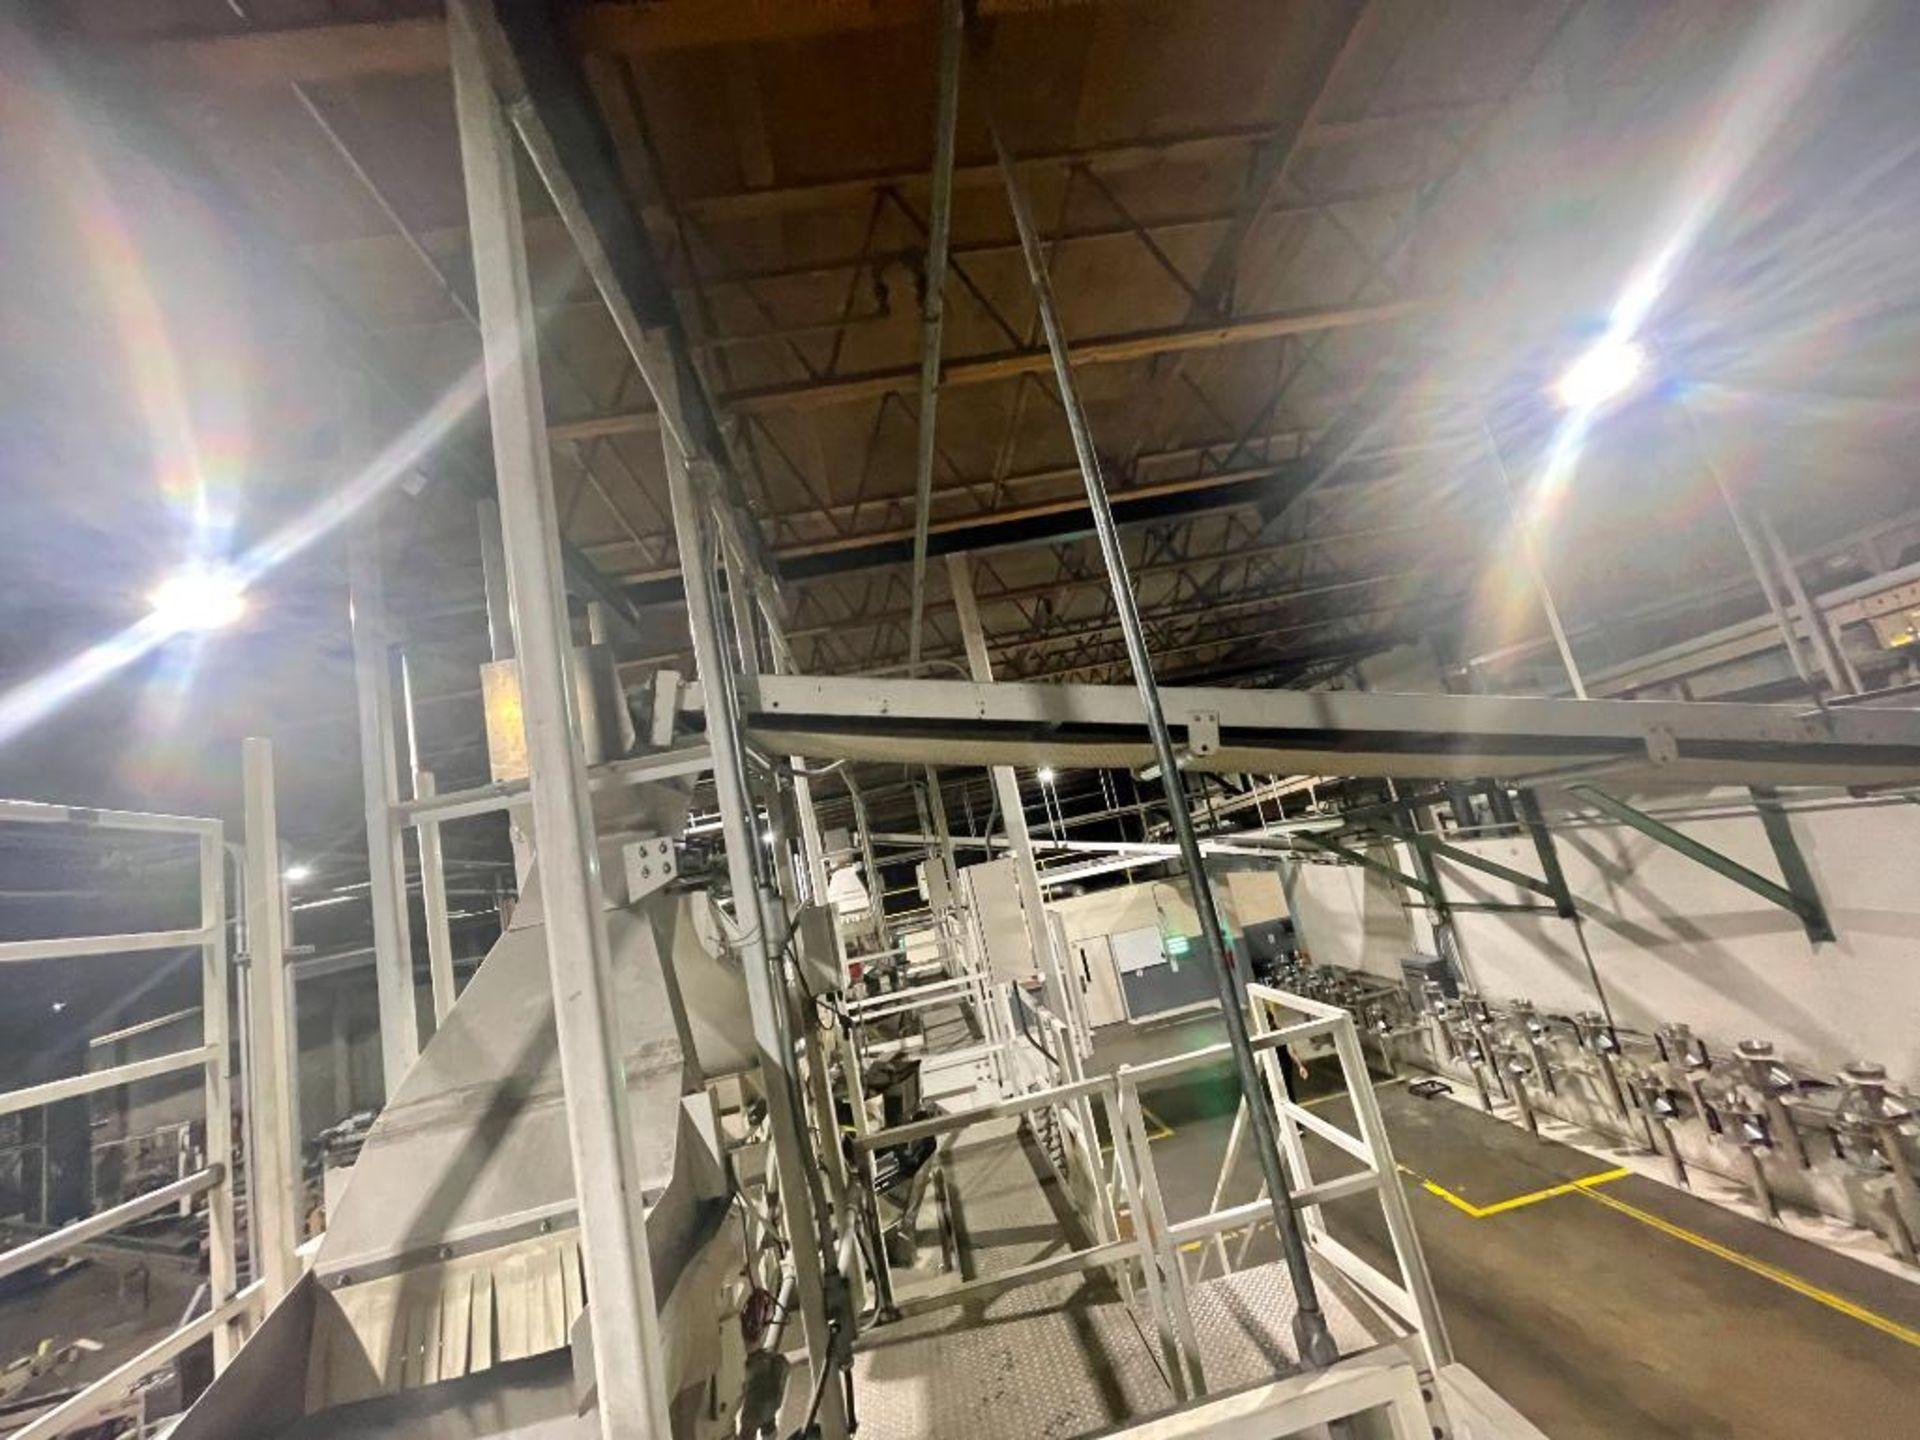 mild steel overhead belt conveyor - Image 4 of 12